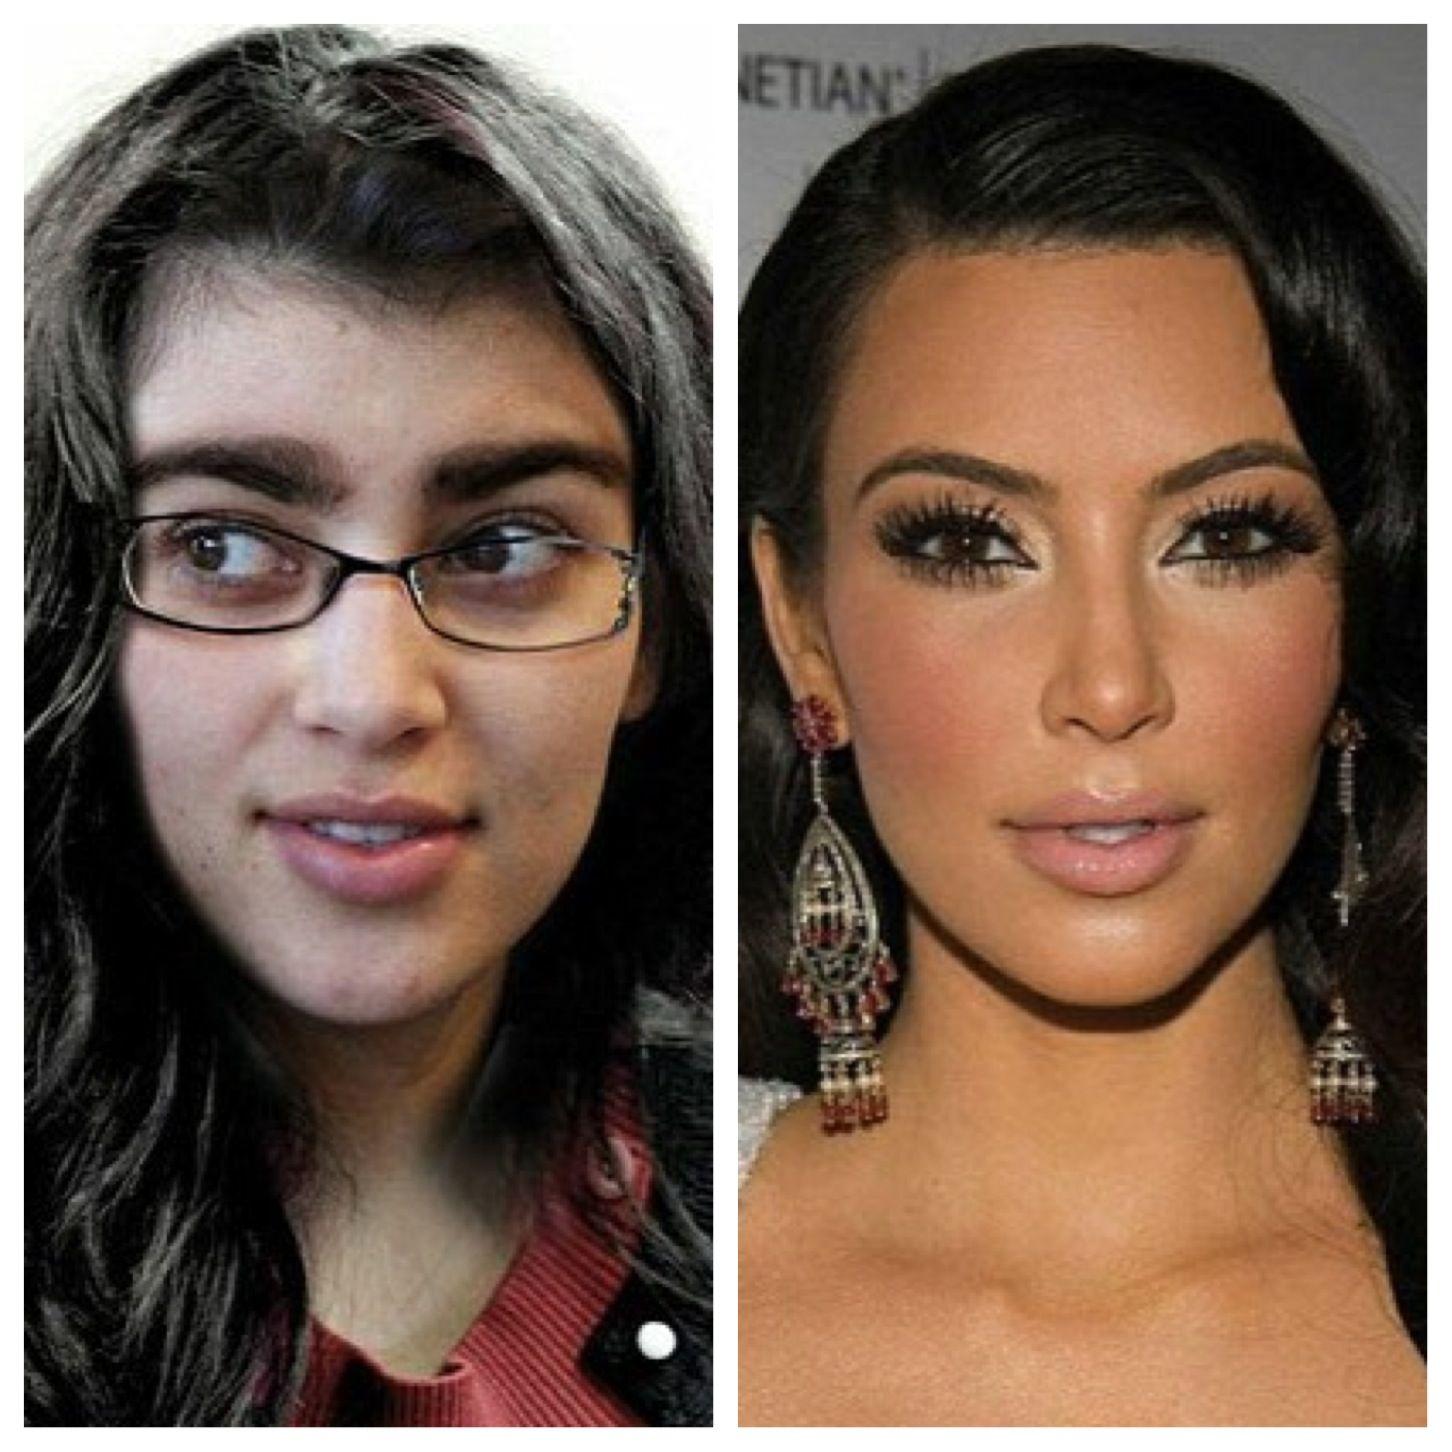 Kim kardashian eyebrow makeover ladolcesalon eyebrows for Ariadne artiles reflejos